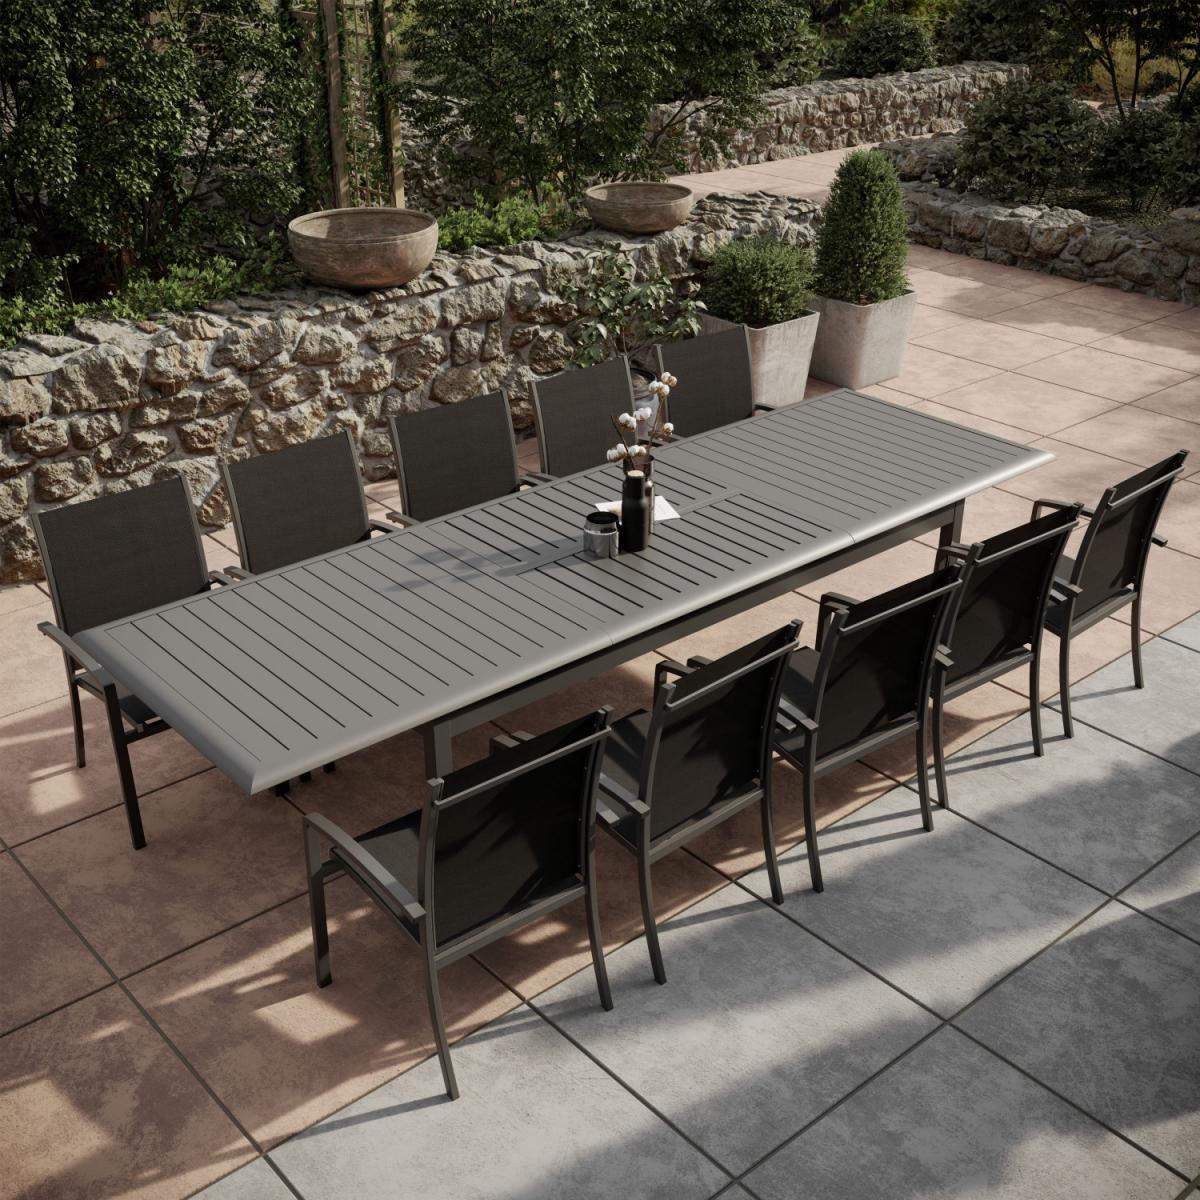 Avril Paris Table de jardin extensible aluminium 220/320cm + 10 Fauteuils empilables textilène Gris Anthracite - ANDRA XL